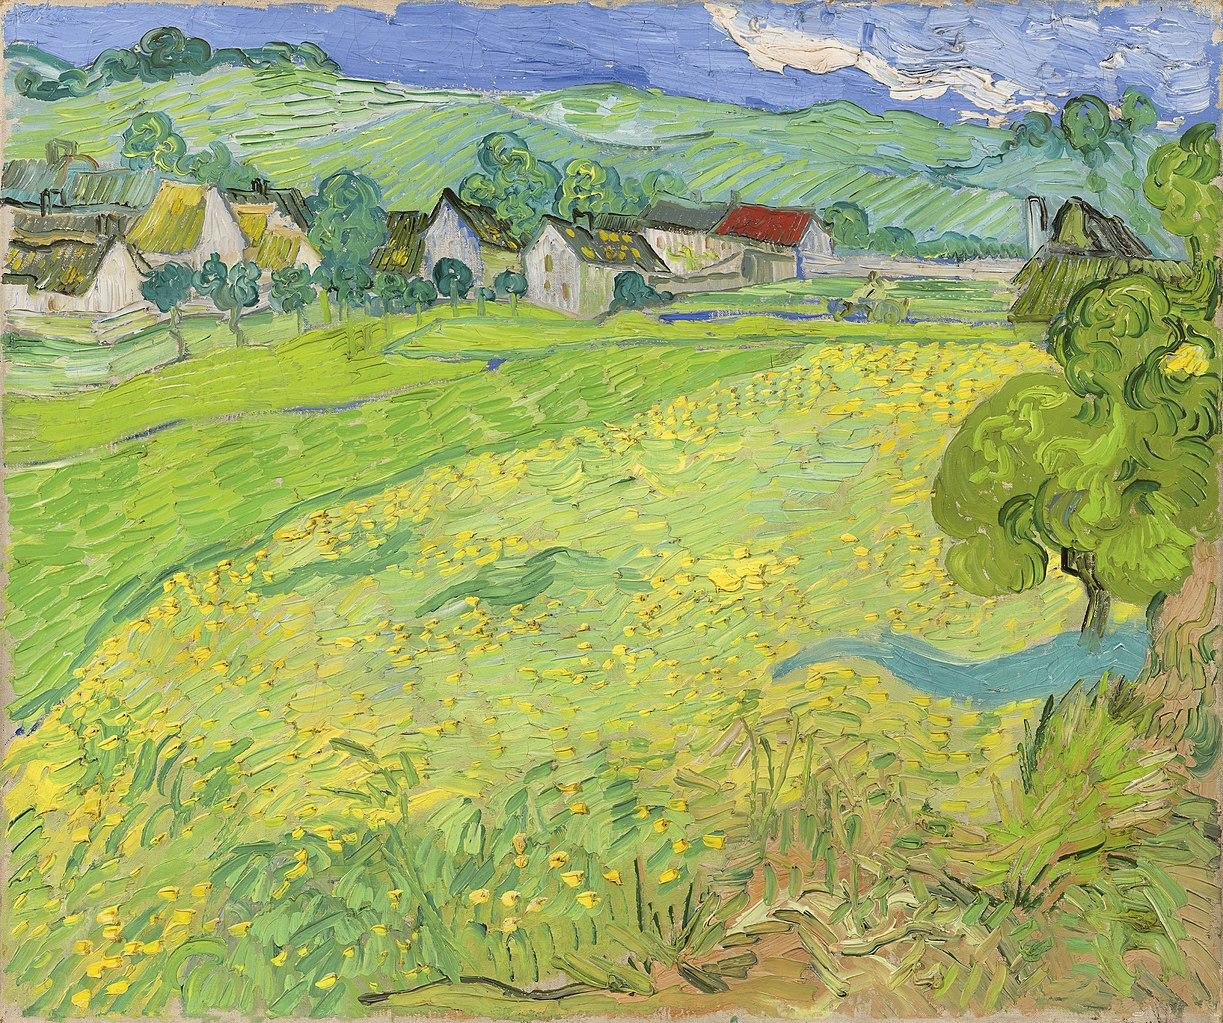 La aldea de Les Vessenots en Auvers, obra de Vincent van Gogh, perteneciente a la Colección Carmen Thyssen-Bornemisza.